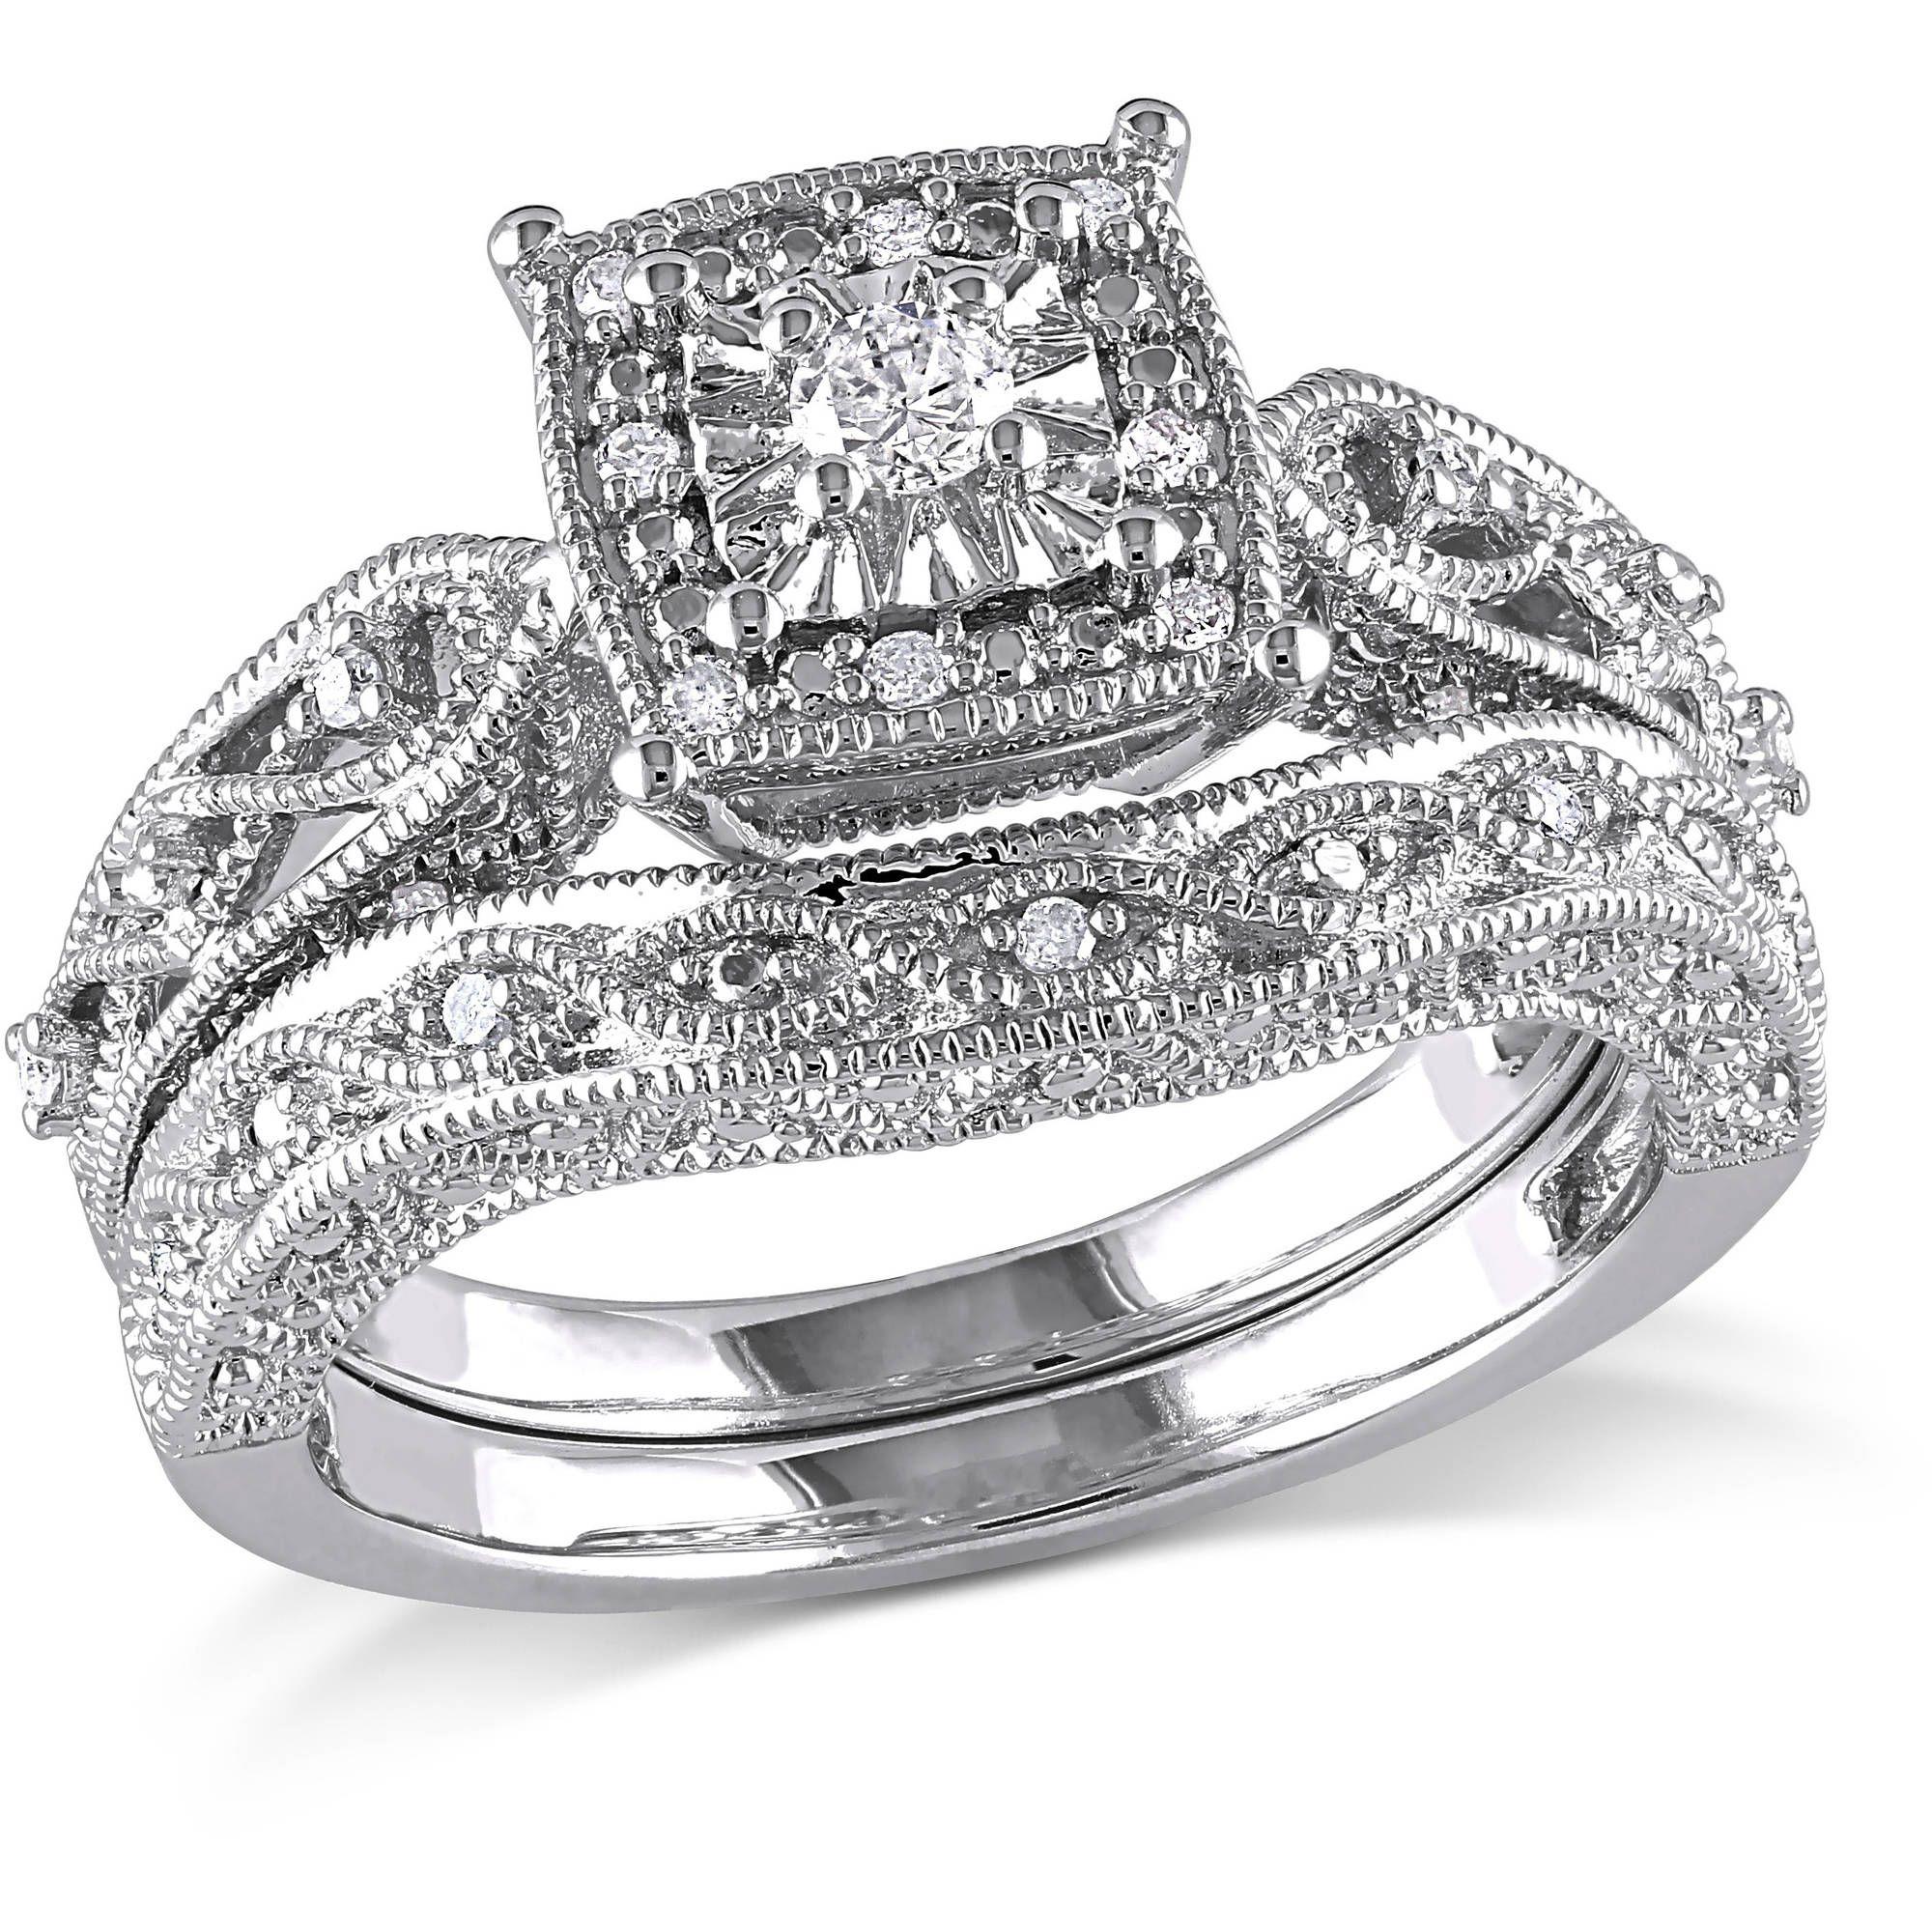 42++ Sterling silver wedding rings walmart info